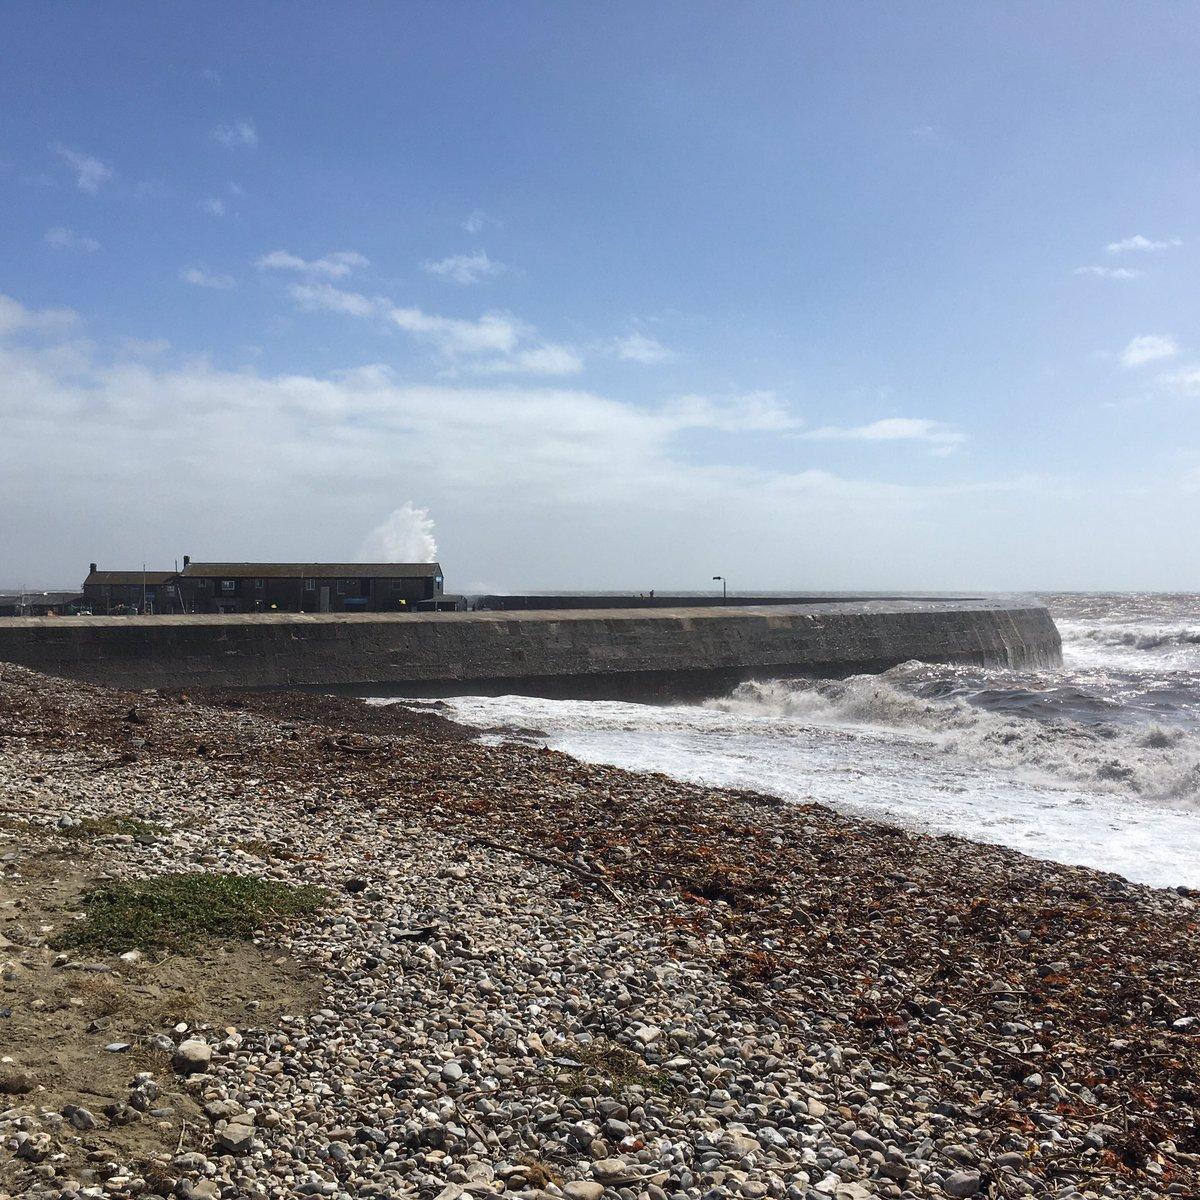 Stormy seas and blue skies in Lyme Regis. https://t.co/322JeJB4iN